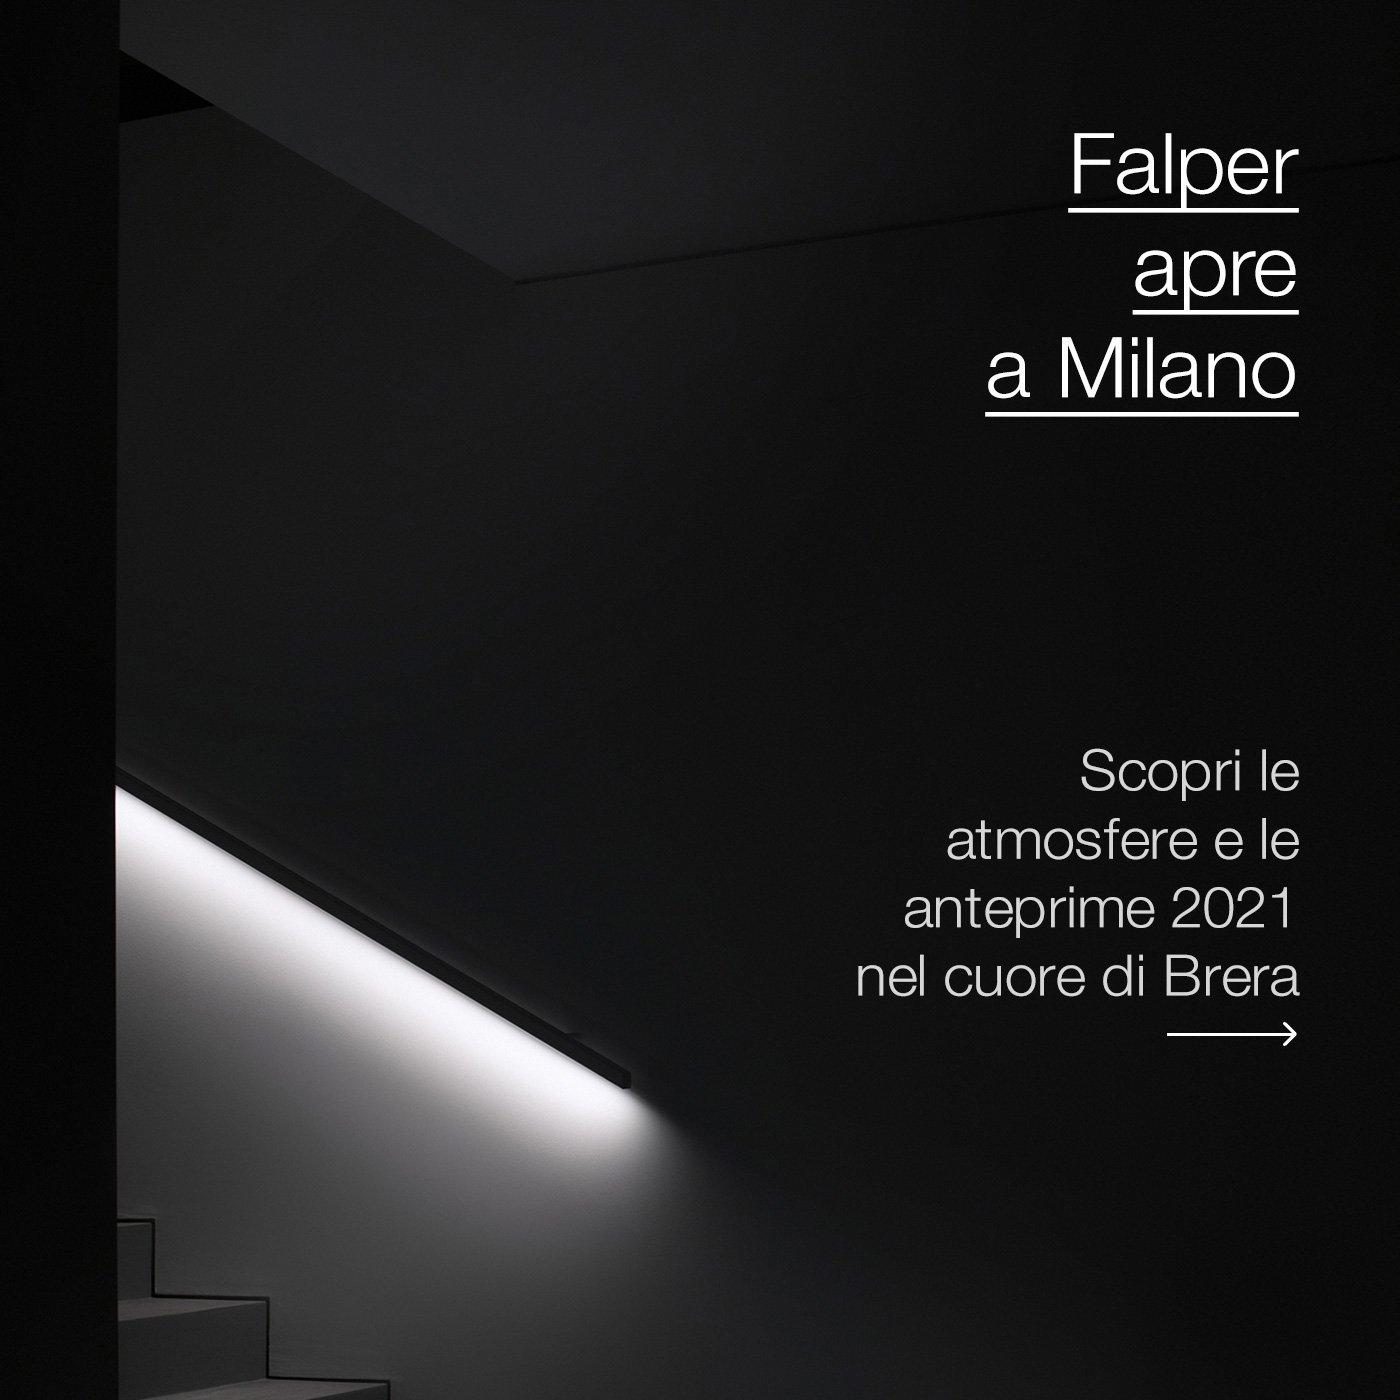 Falper apre a Milano: atmosfere e anteprime 2021 nel cuore di Brera